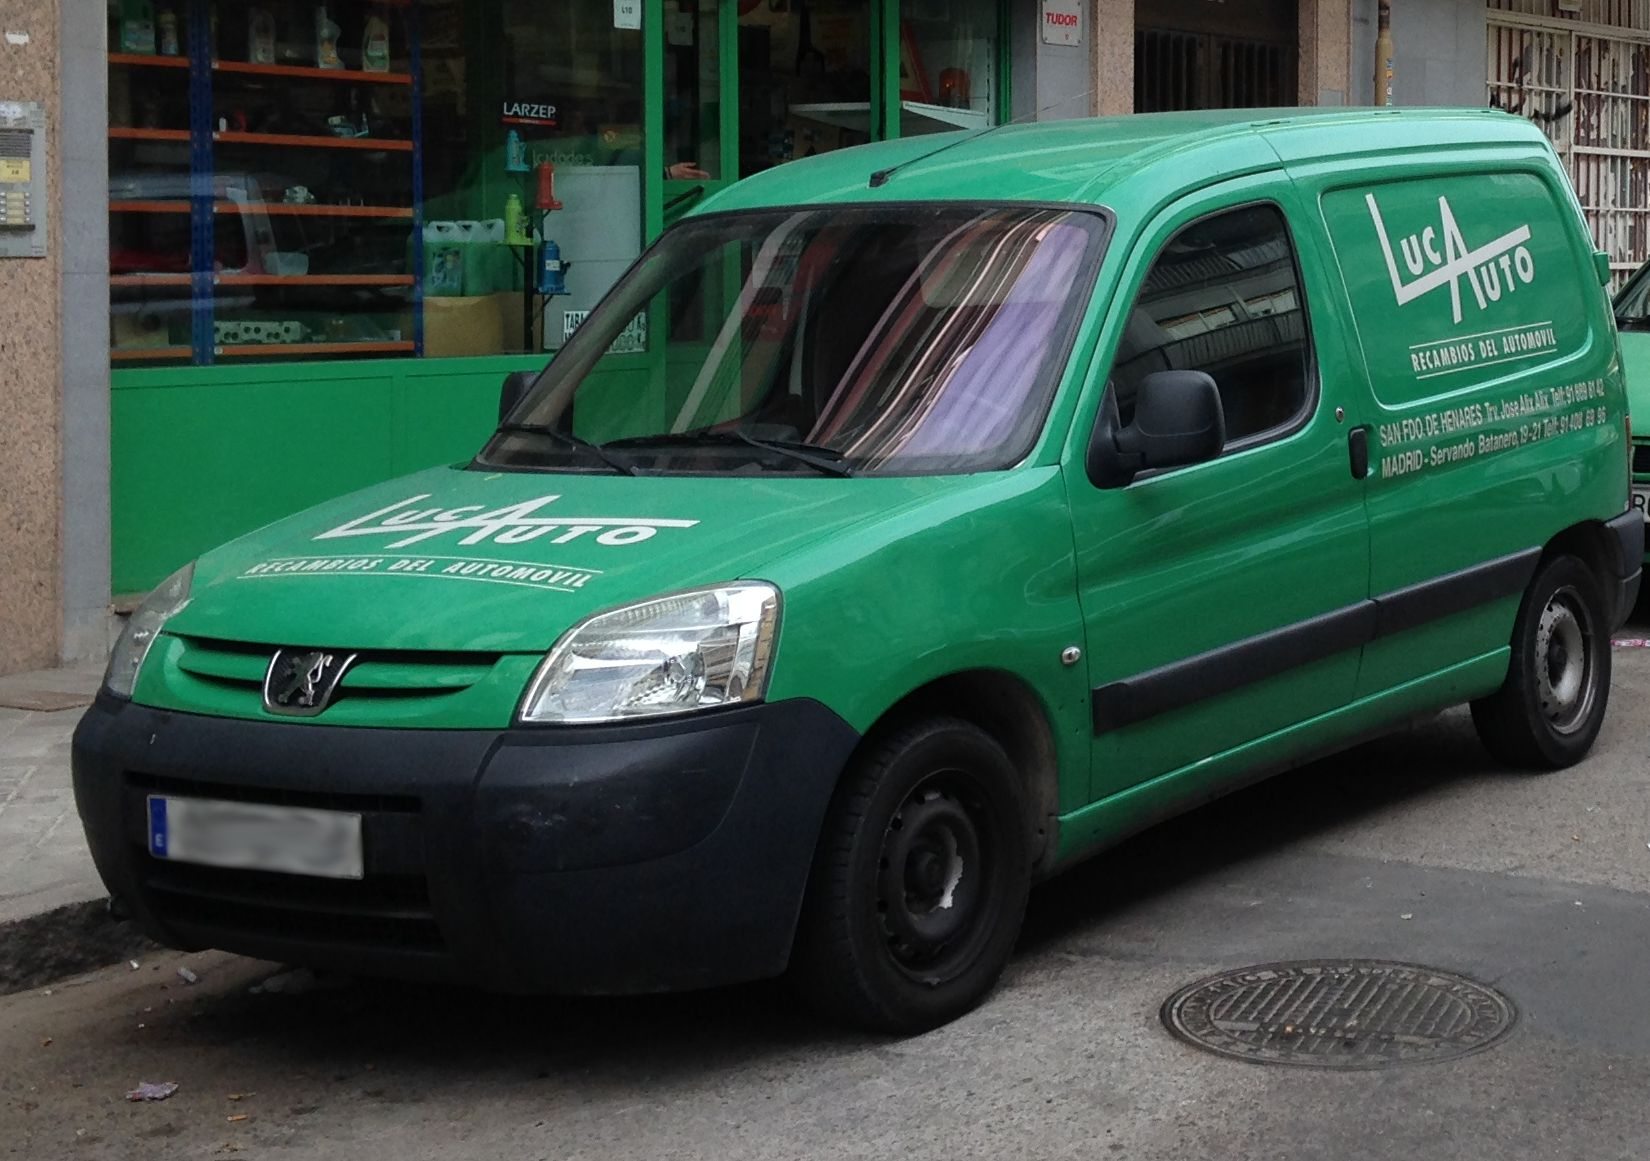 Repuestos del automóvil en Madrid Centro